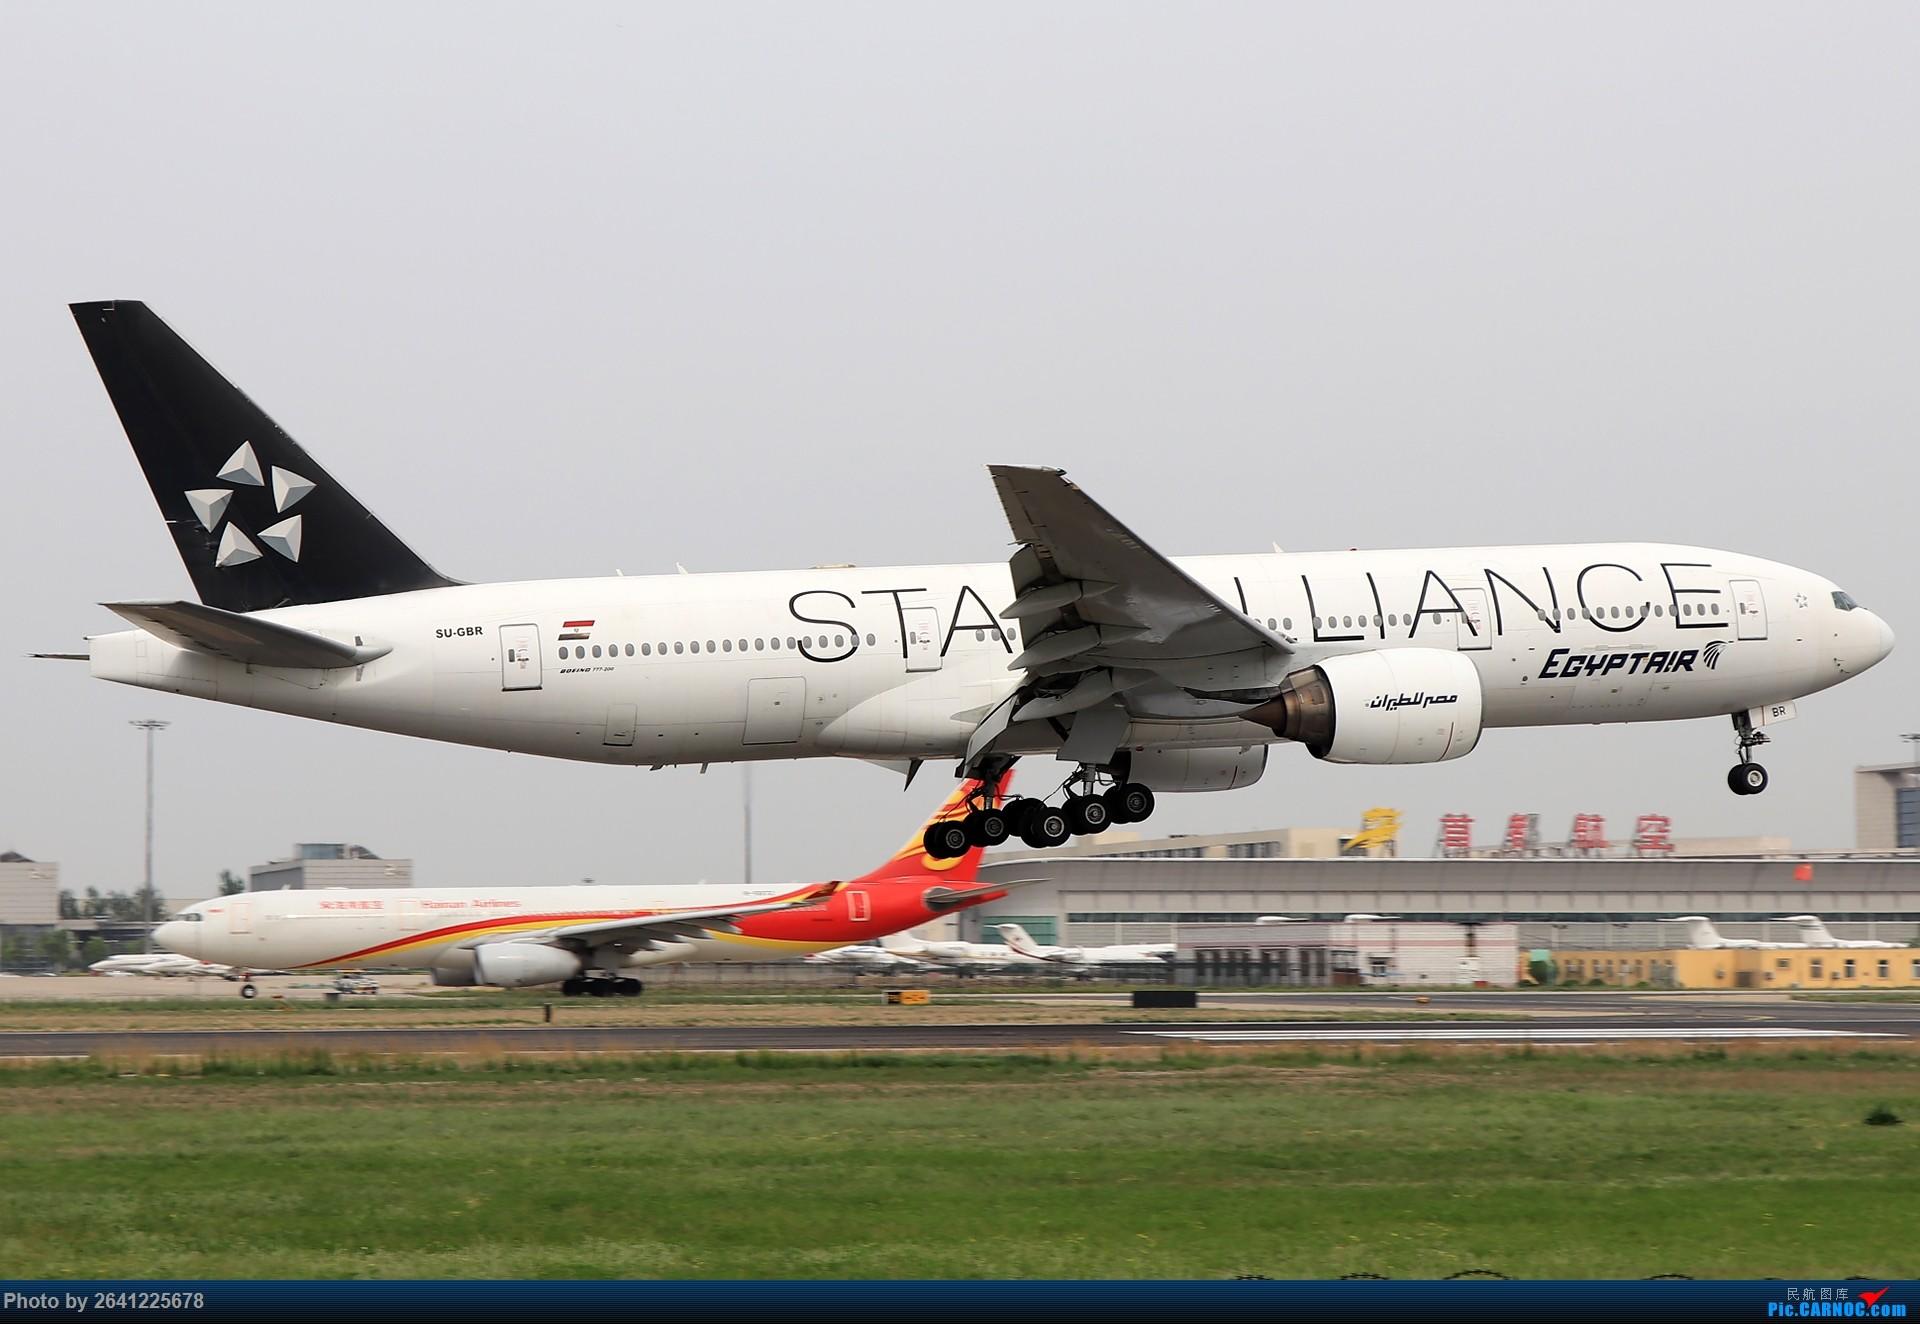 Re:[原创]轻霾去拍机,遇见阿尔及利亚、埃及星星、华航333等 BOEING 777-200 SU-GBR 中国北京首都国际机场